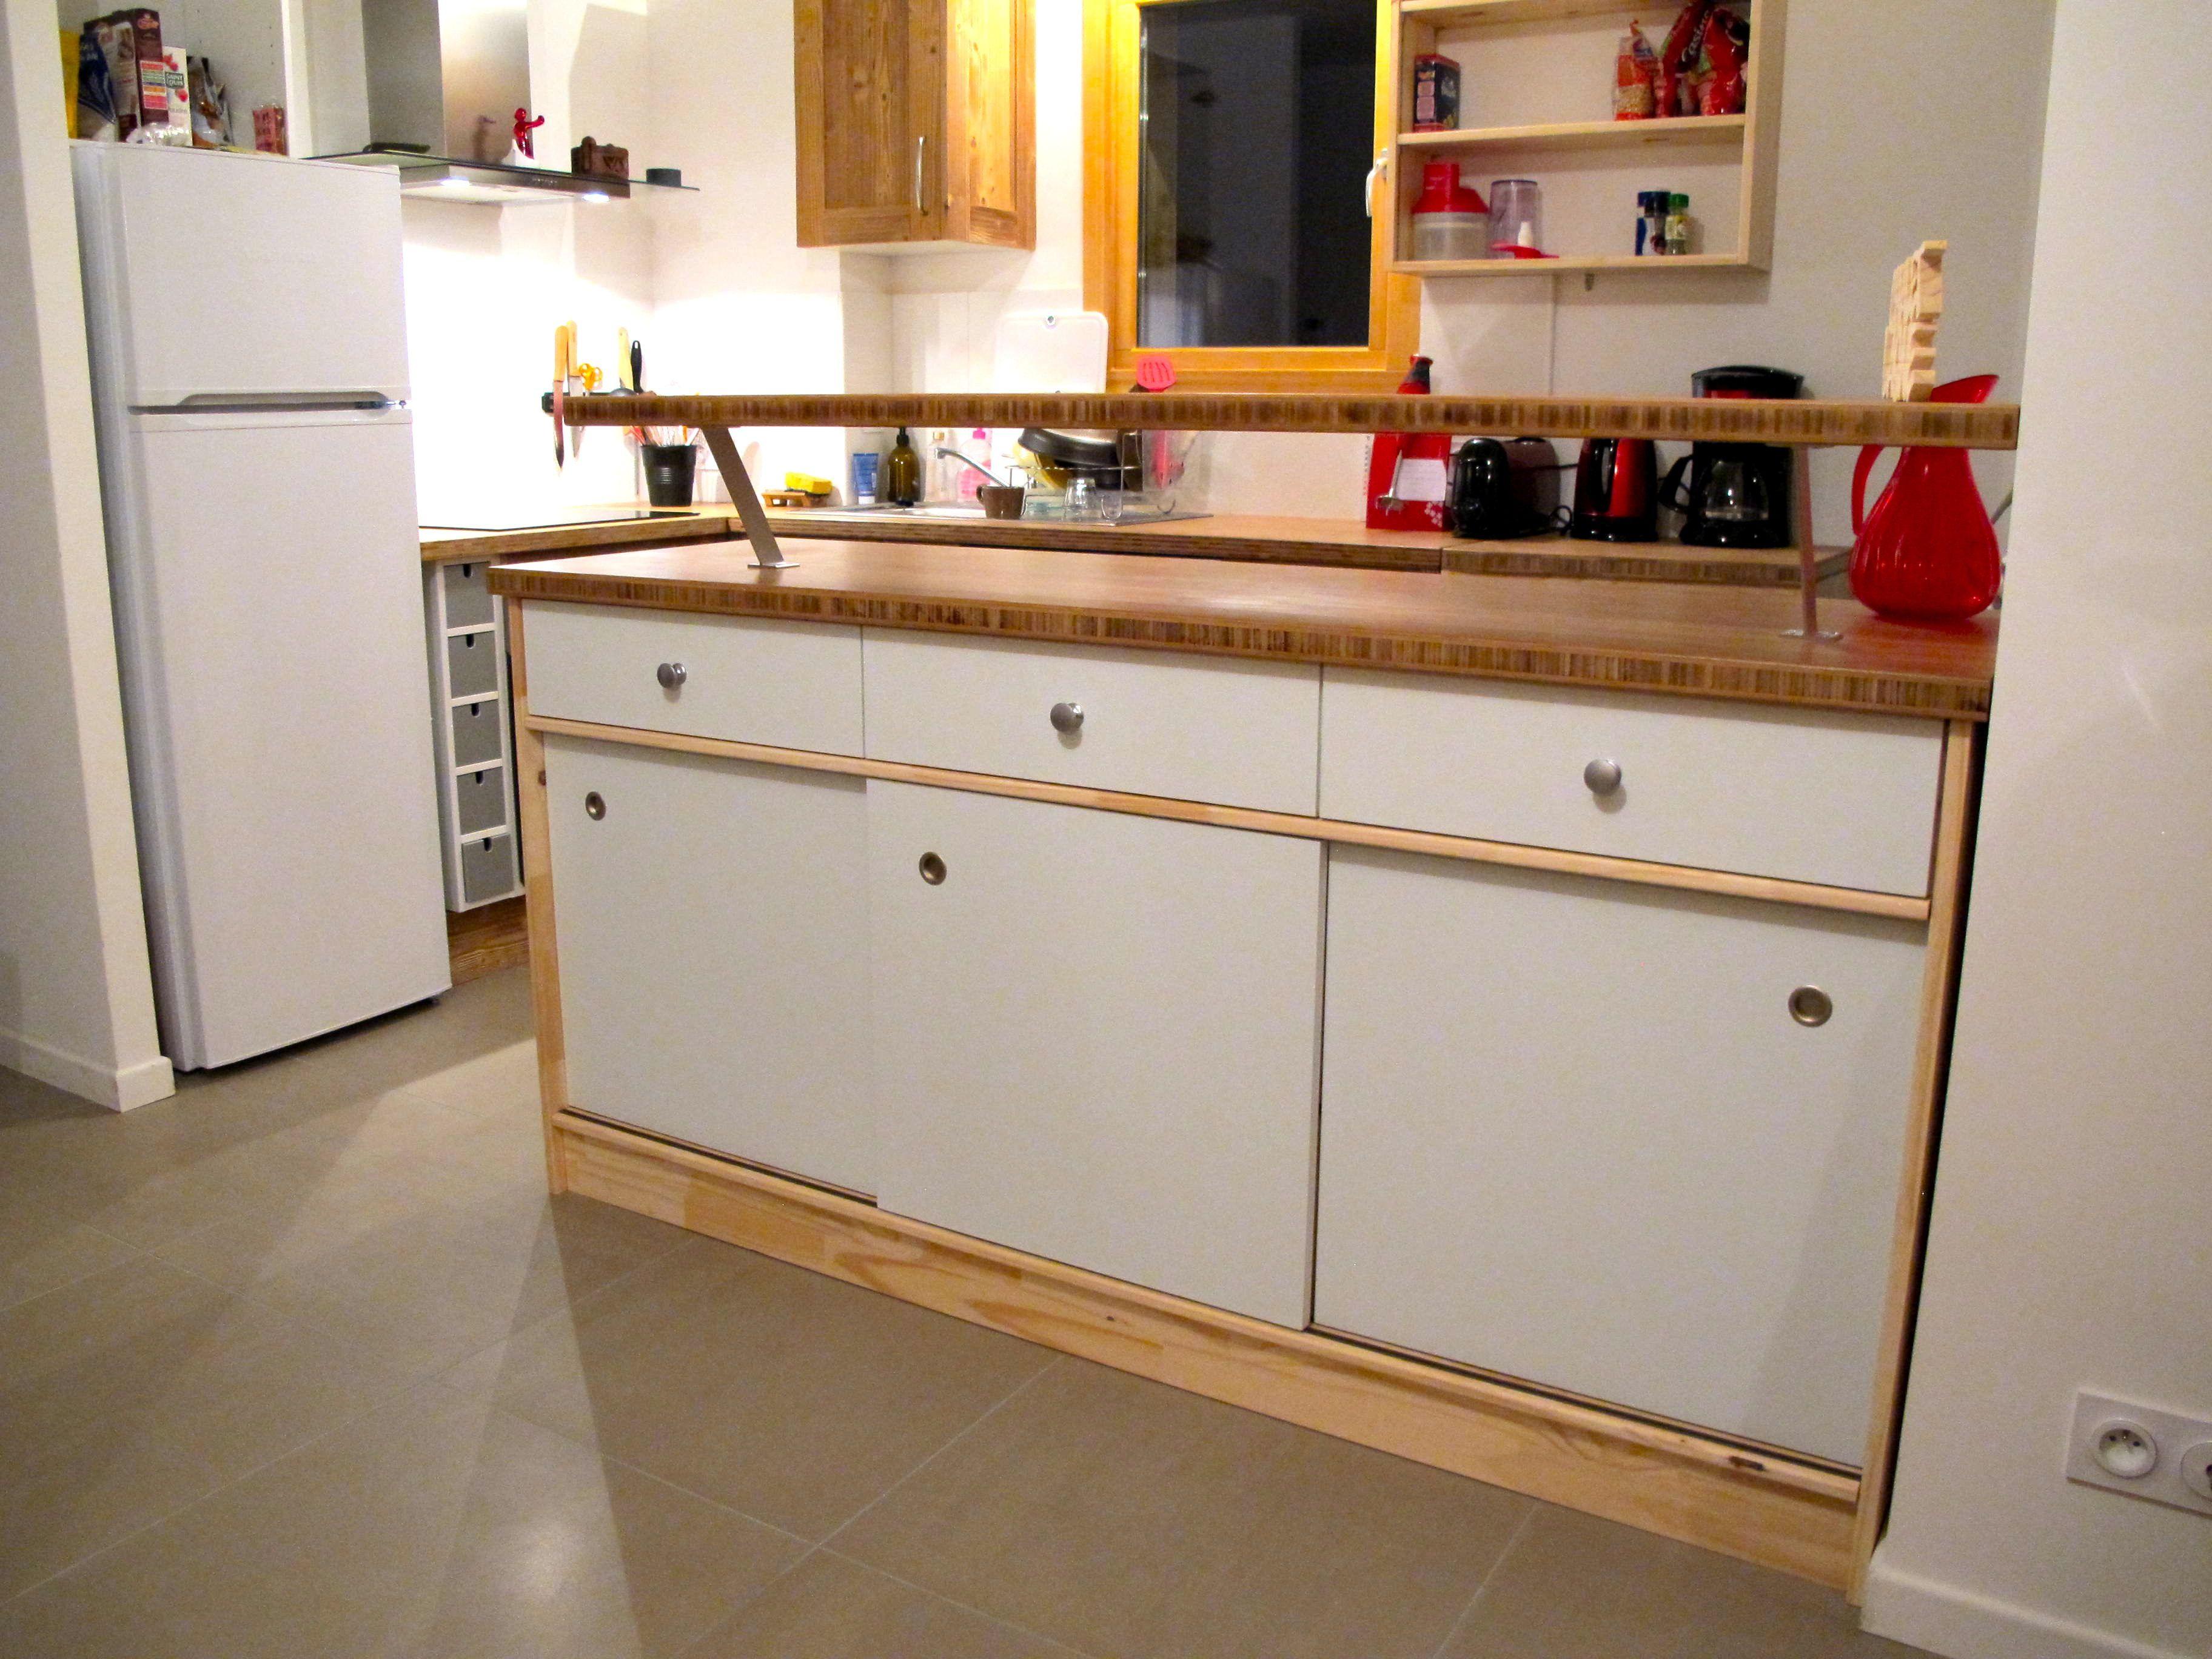 ilot central de cuisine id es pour la maison pinterest id es pour la maison ilot central. Black Bedroom Furniture Sets. Home Design Ideas